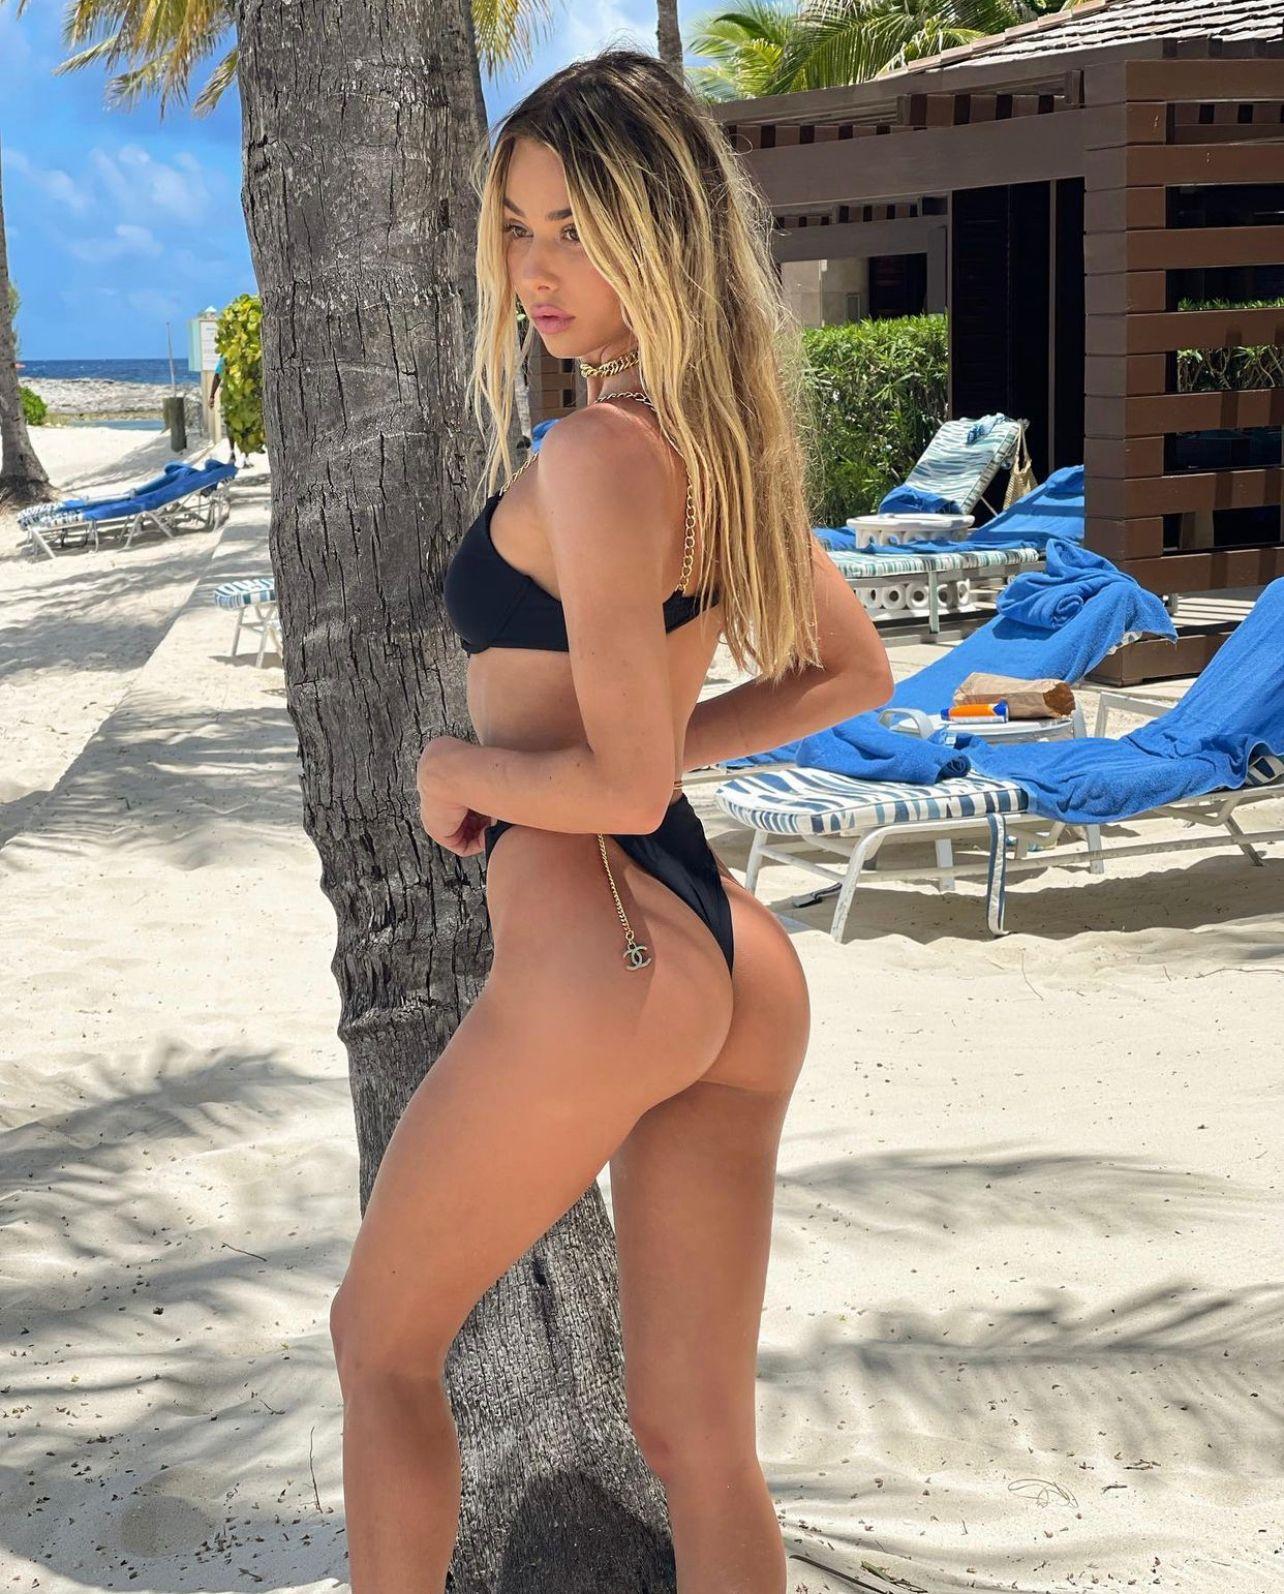 AMANDA-VIDAL-13 Amanda Vidal